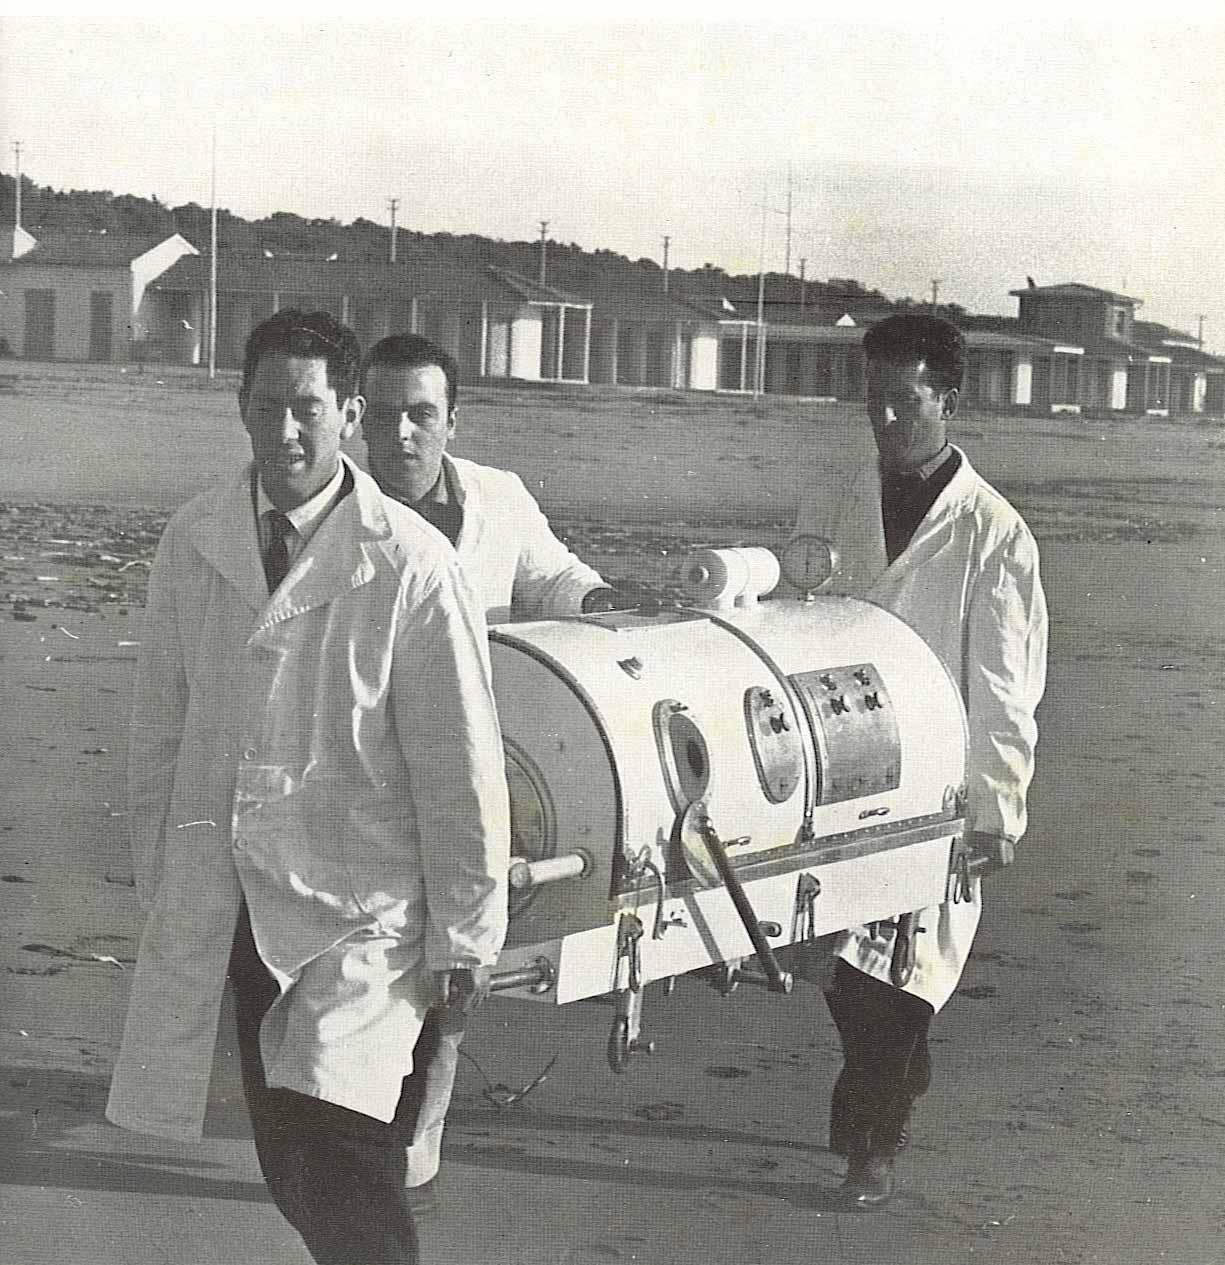 """Fig. 2) polmone d'acciaio della Misericordia di Viareggio, realizzato da Mario Petrucci, titolare della carr. Lasamea, foto tratta da """"La Misericordia di Viareggio, 140 anni di vita"""", 1966"""